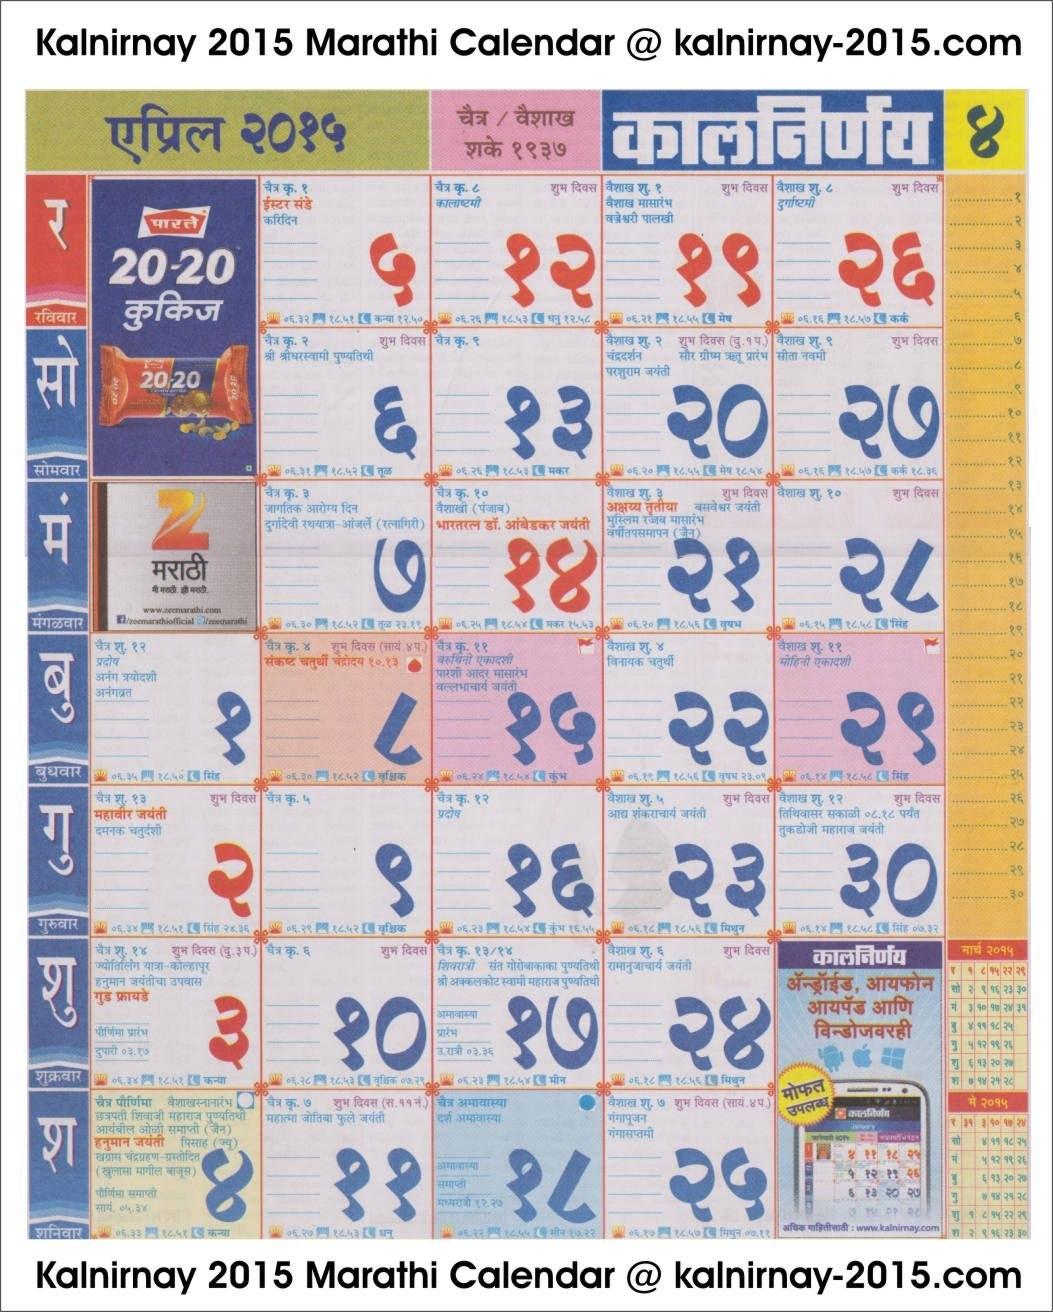 April 2015 Marathi Kalnirnay Calendar | Kalnirnay | Pinterest E Calendar Kalnirnay 2019